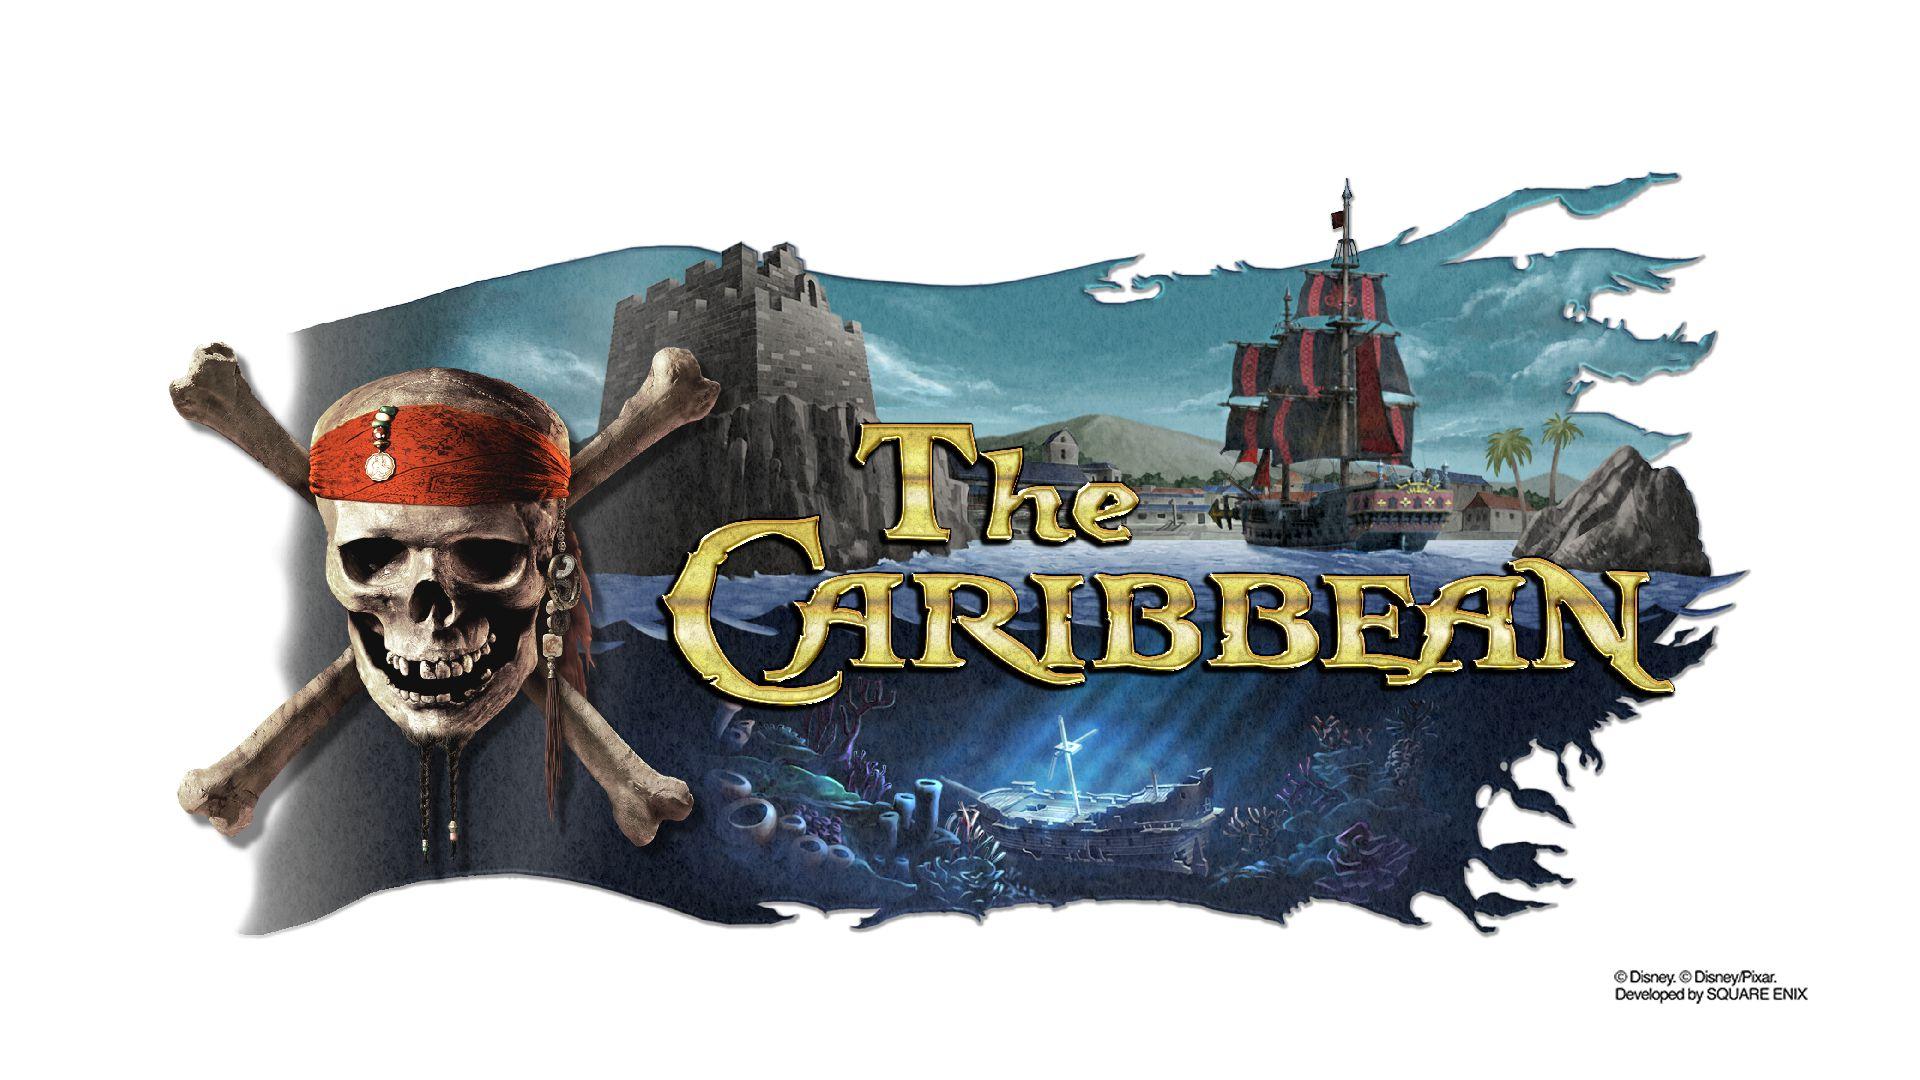 索拉可以自拍了!《王国之心3》新游戏截图公开